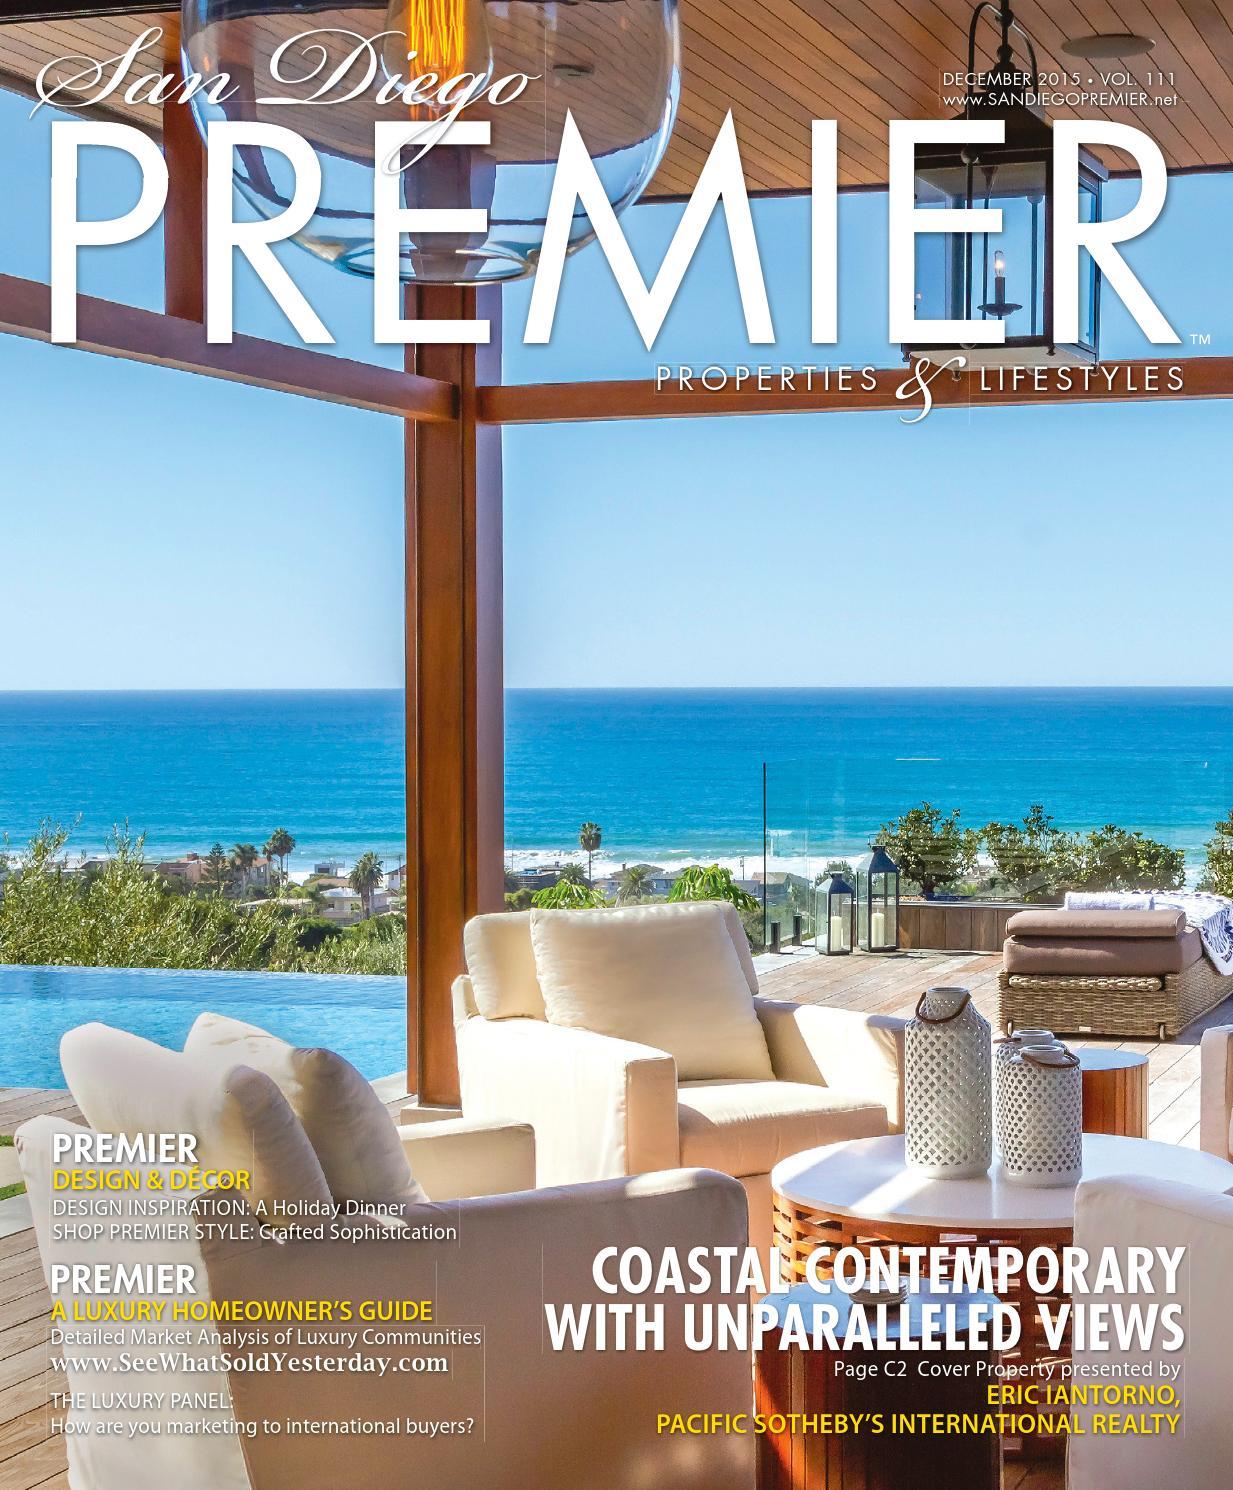 San Diego PREMIER Dec 2015 Vol 111 by San Diego PREMIER - issuu